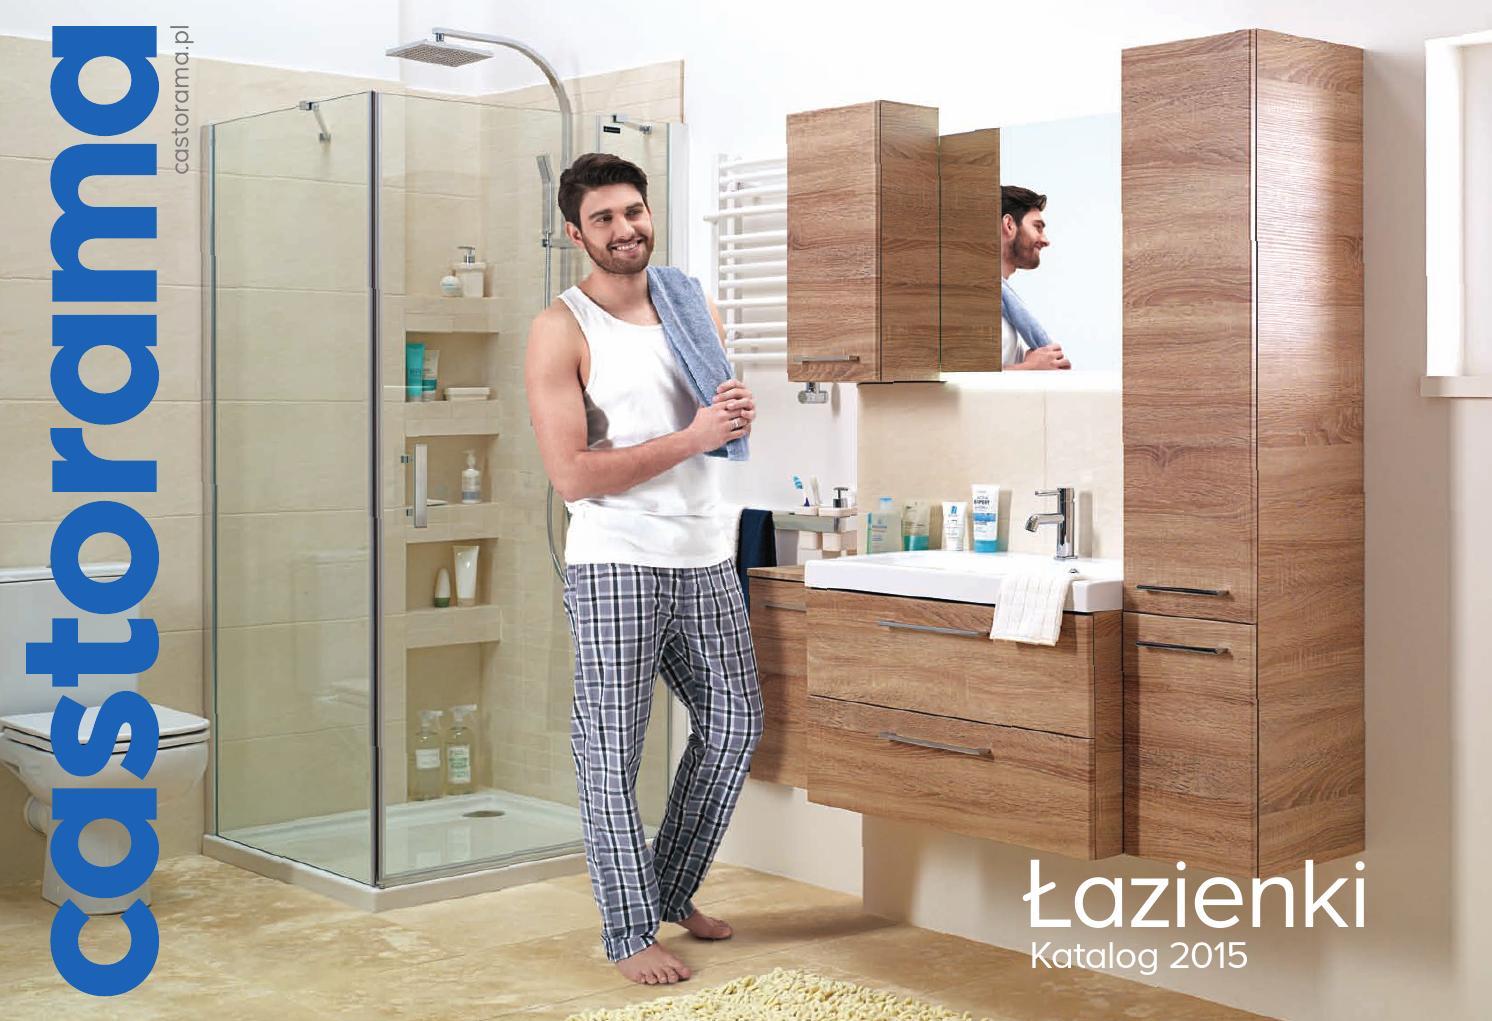 Castorama Katalog łazienki 2015 By Finmarket Issuu